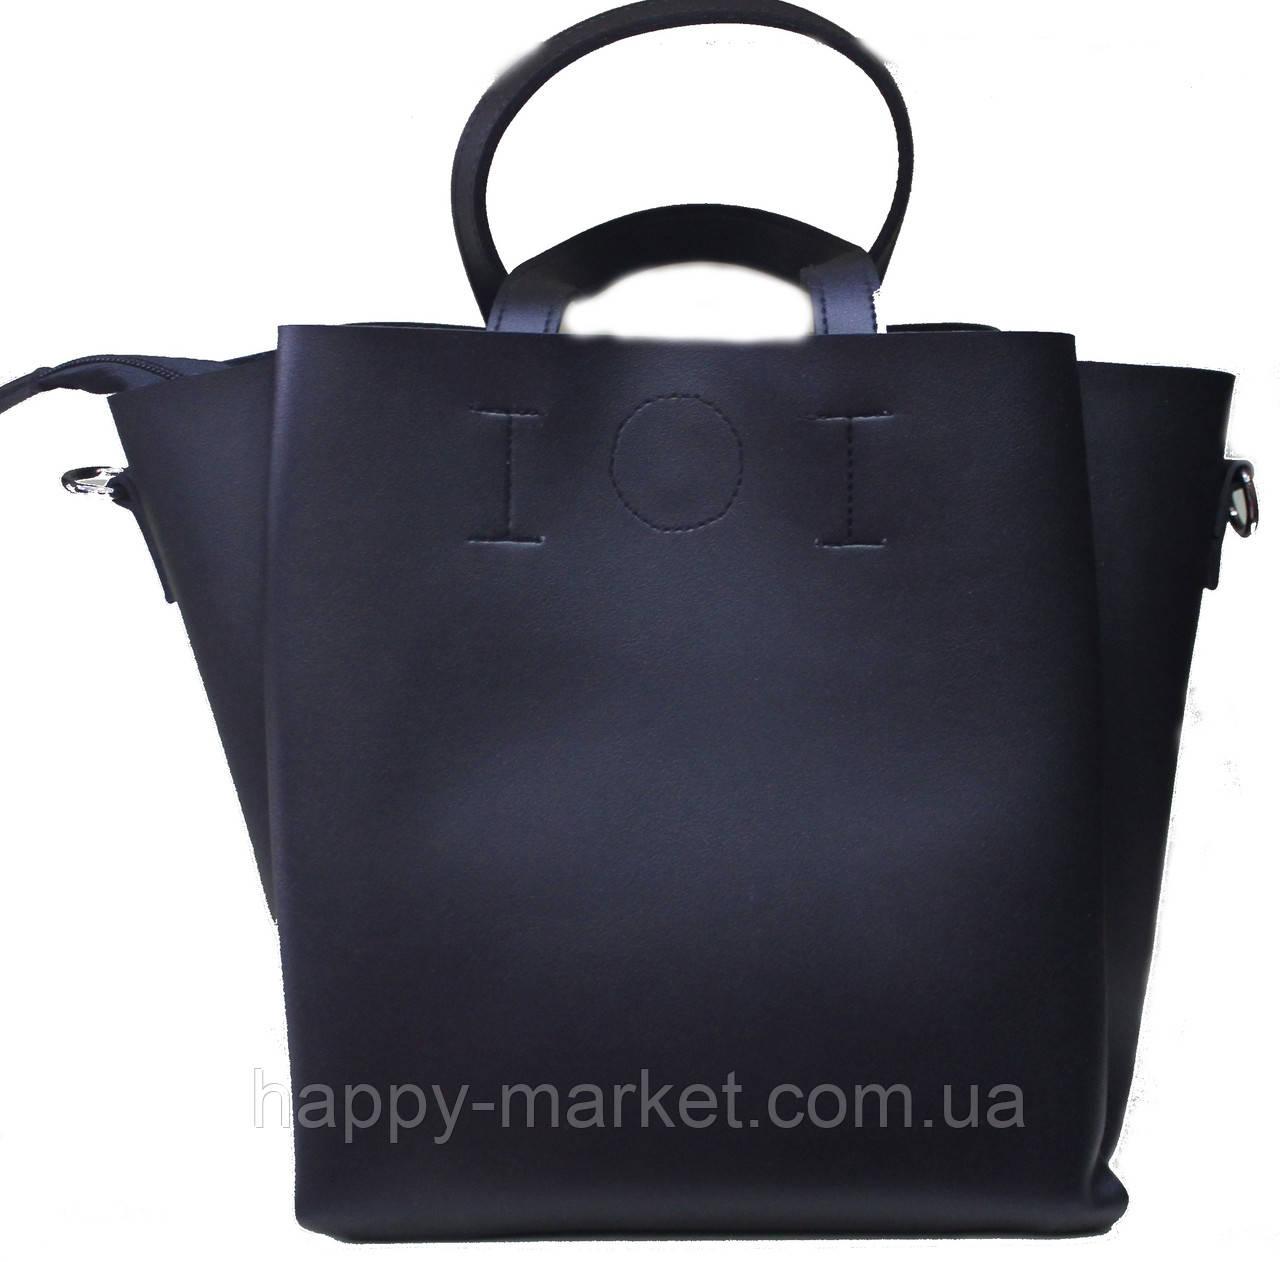 b587185777c9 Сумка торба женская гладкая без узоров и принтов 18-016-1 Экко - Интернет